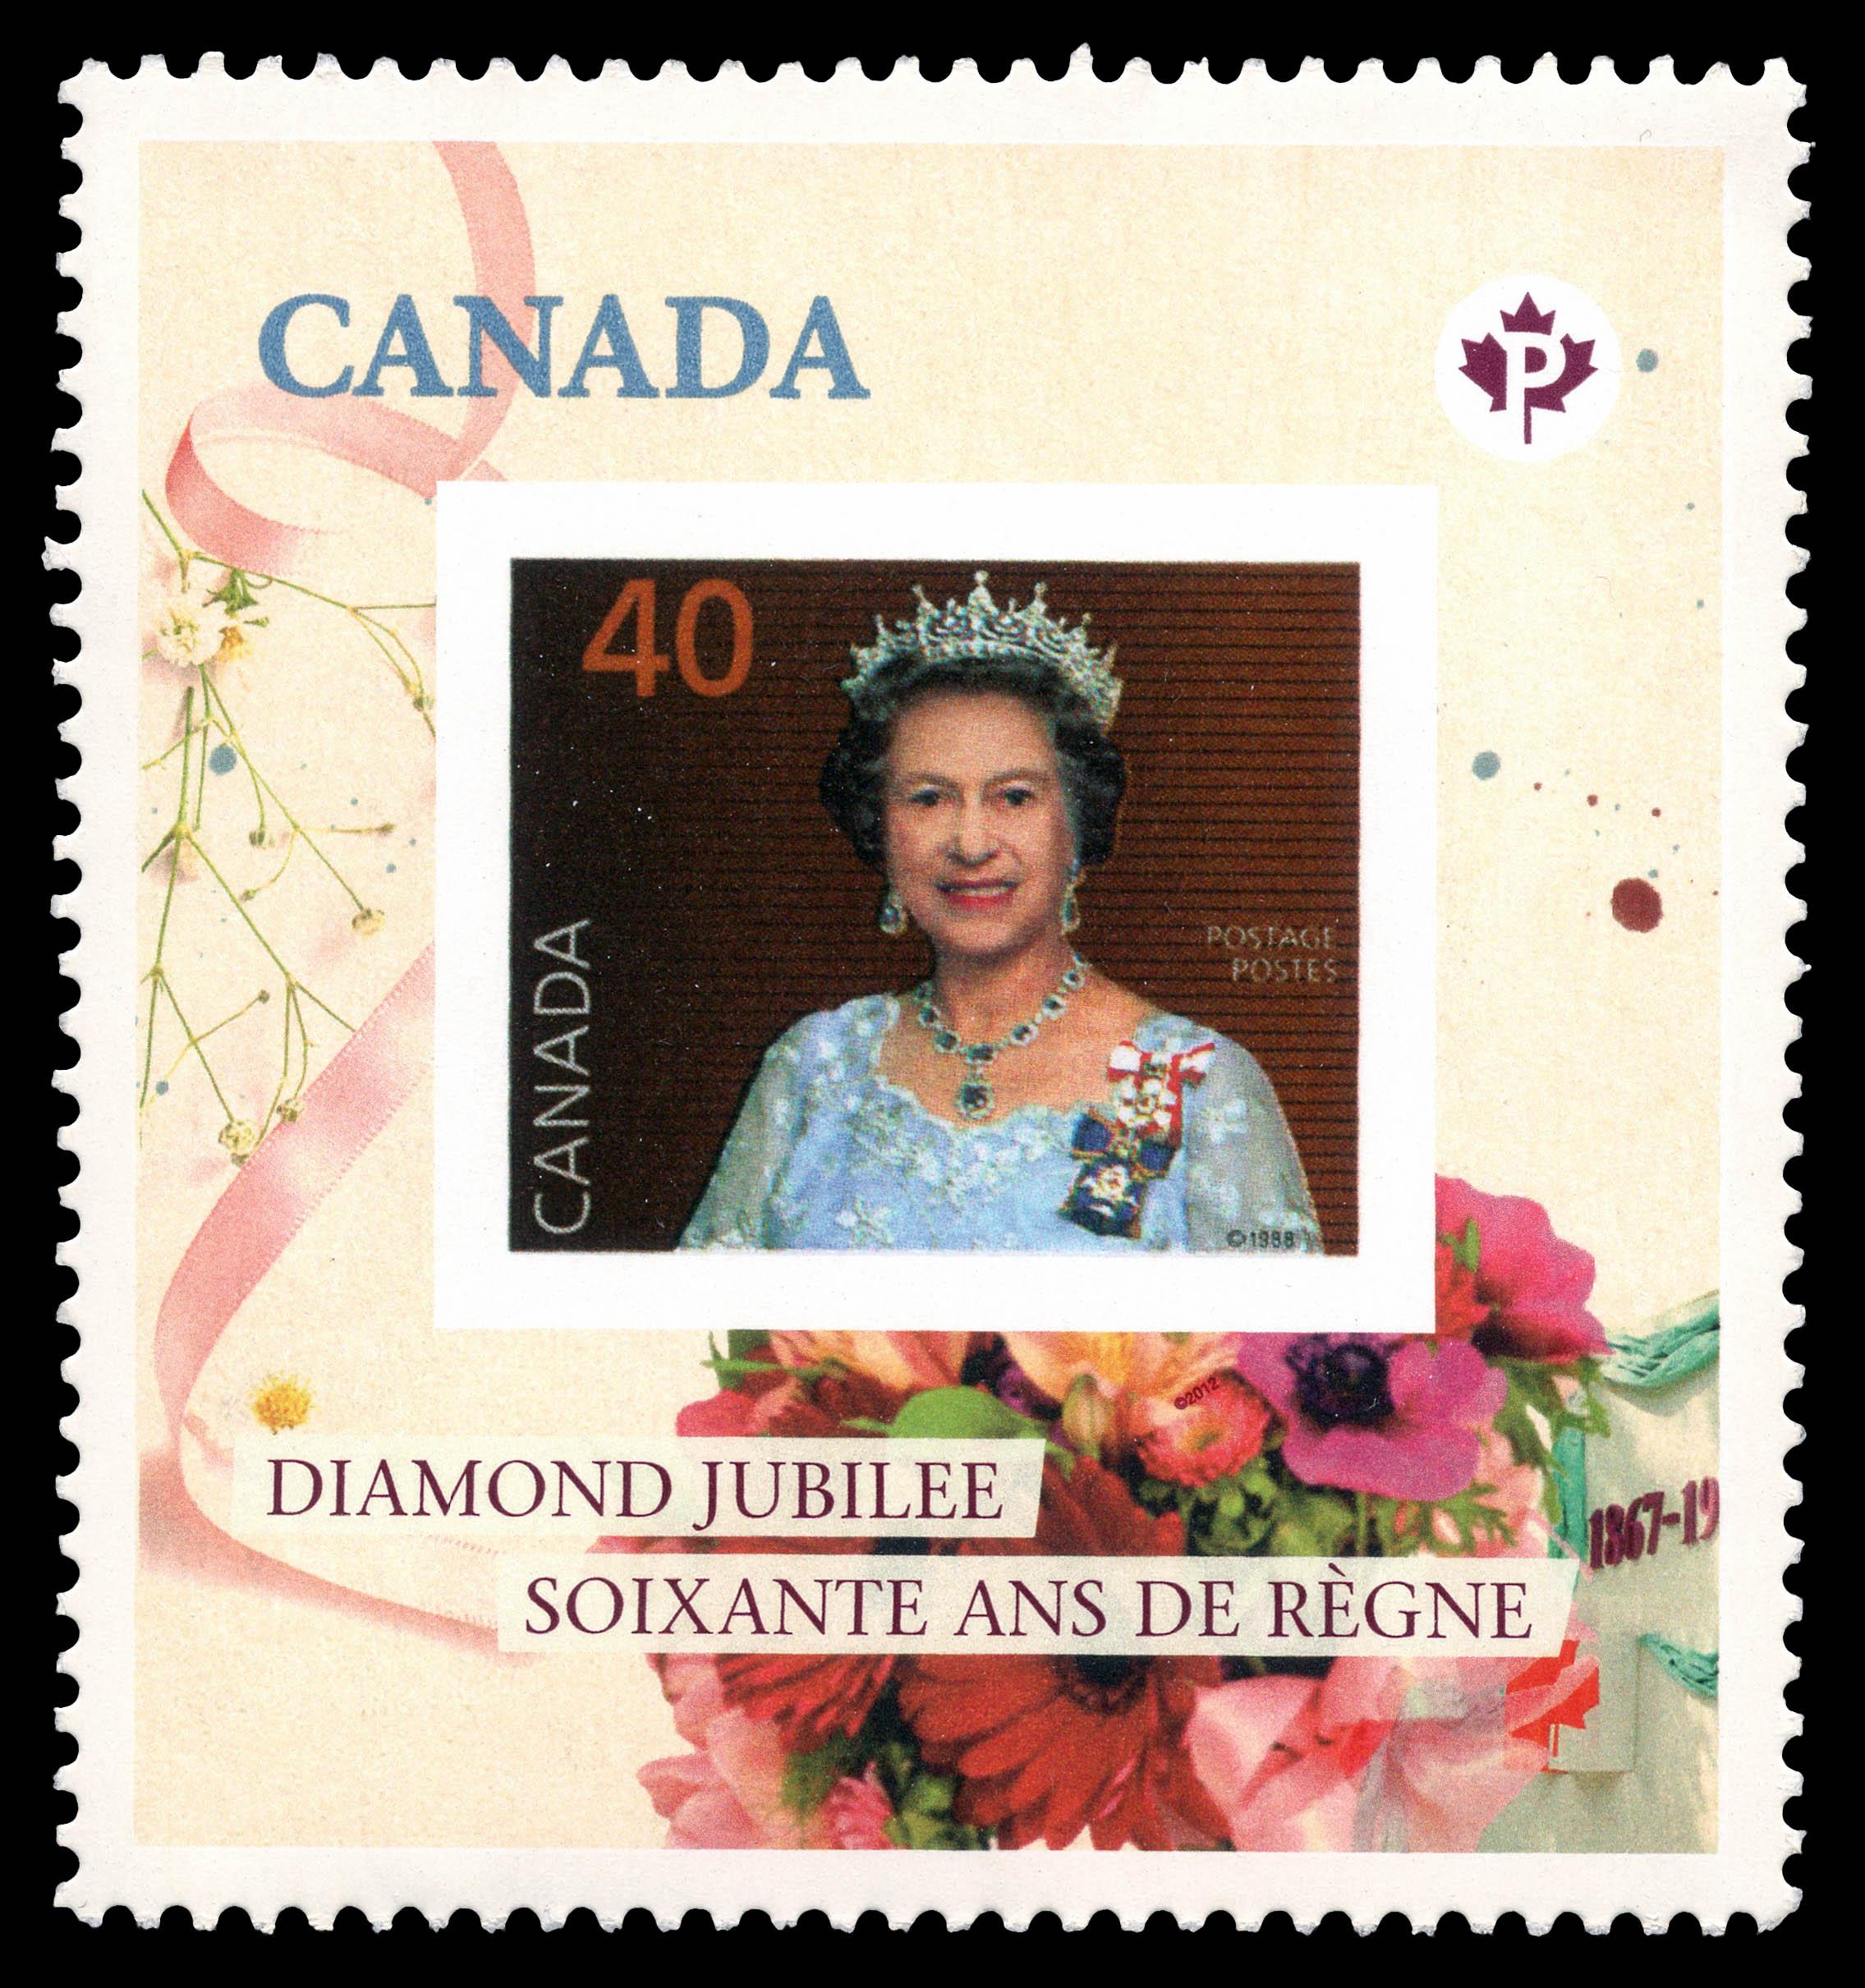 Queen Elizabeth II Diamond Jubilee - 1990 Stamp Canada Postage Stamp | Queen Elizabeth II Diamond Jubilee